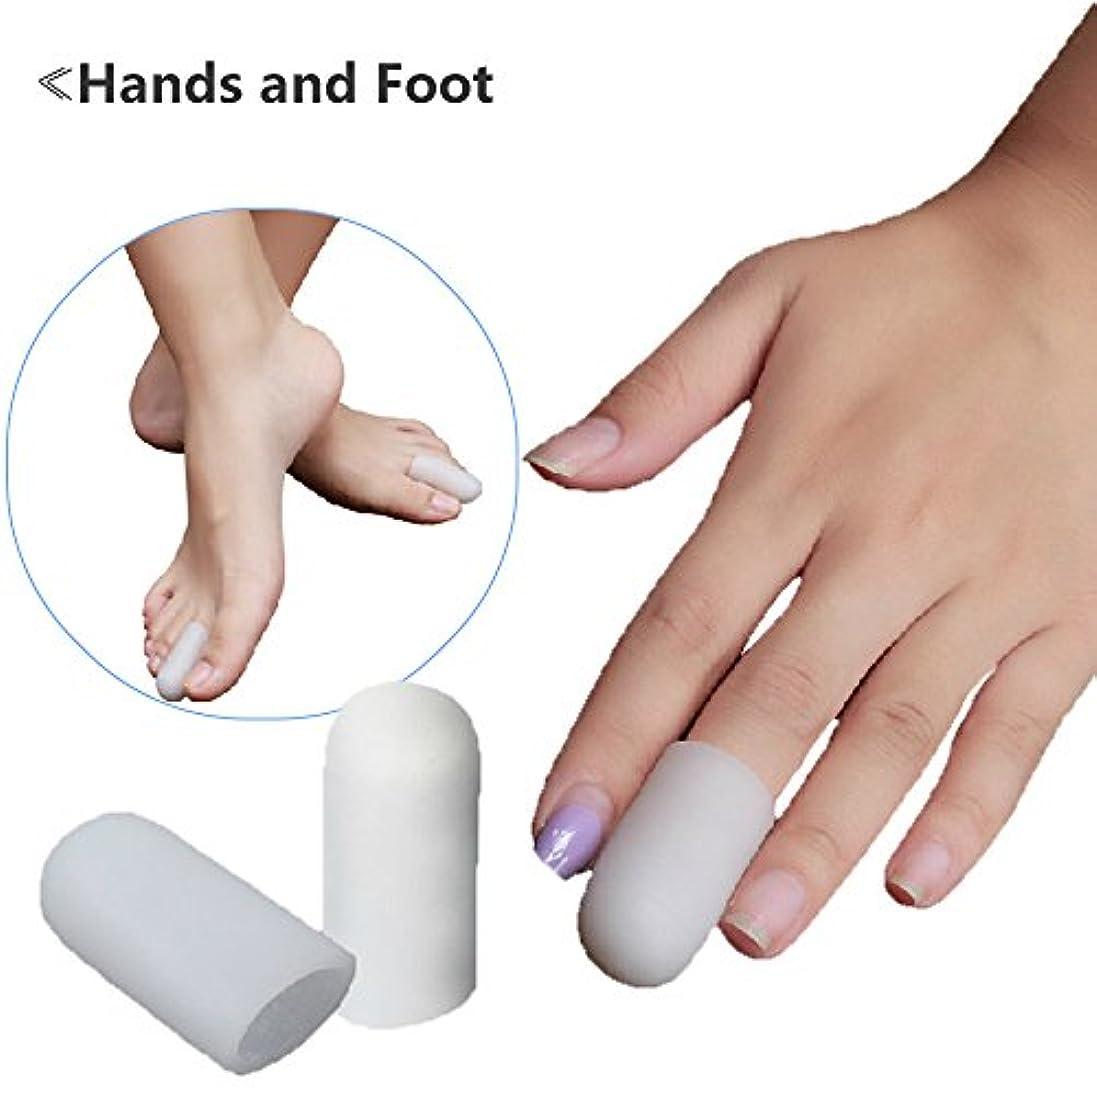 疫病モネ脊椎つま先プロテクター ランニング時の足先のつめ保護キャップ,指キャップ,〈2個入〉 (M(3.5cm))